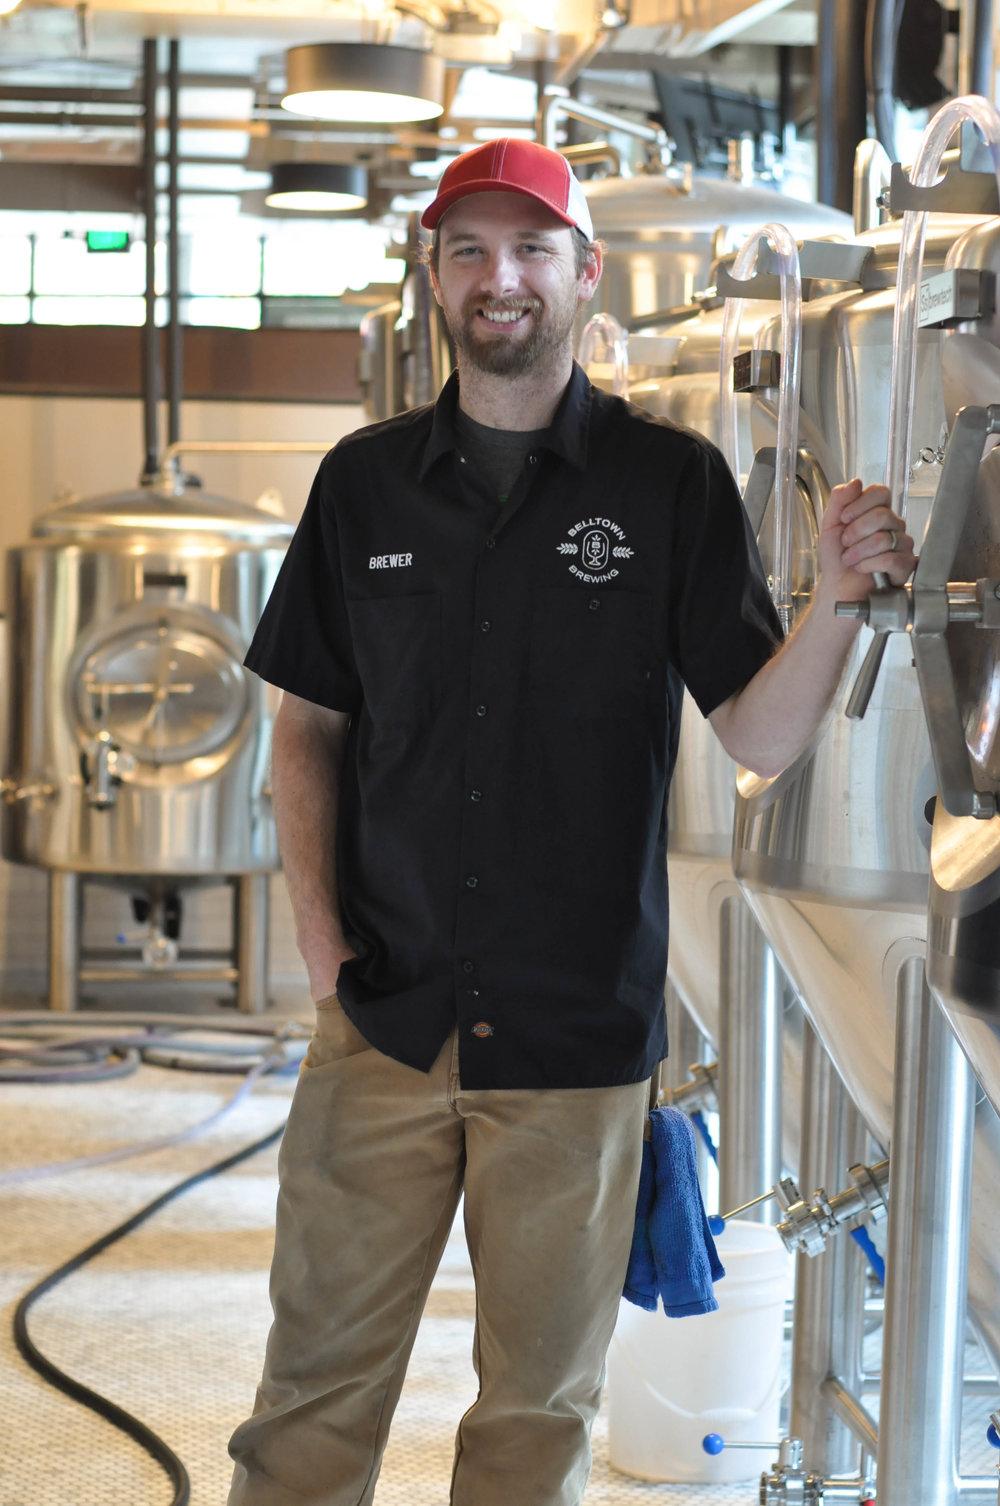 Belltown Brewing's head brewer Adam Frentz